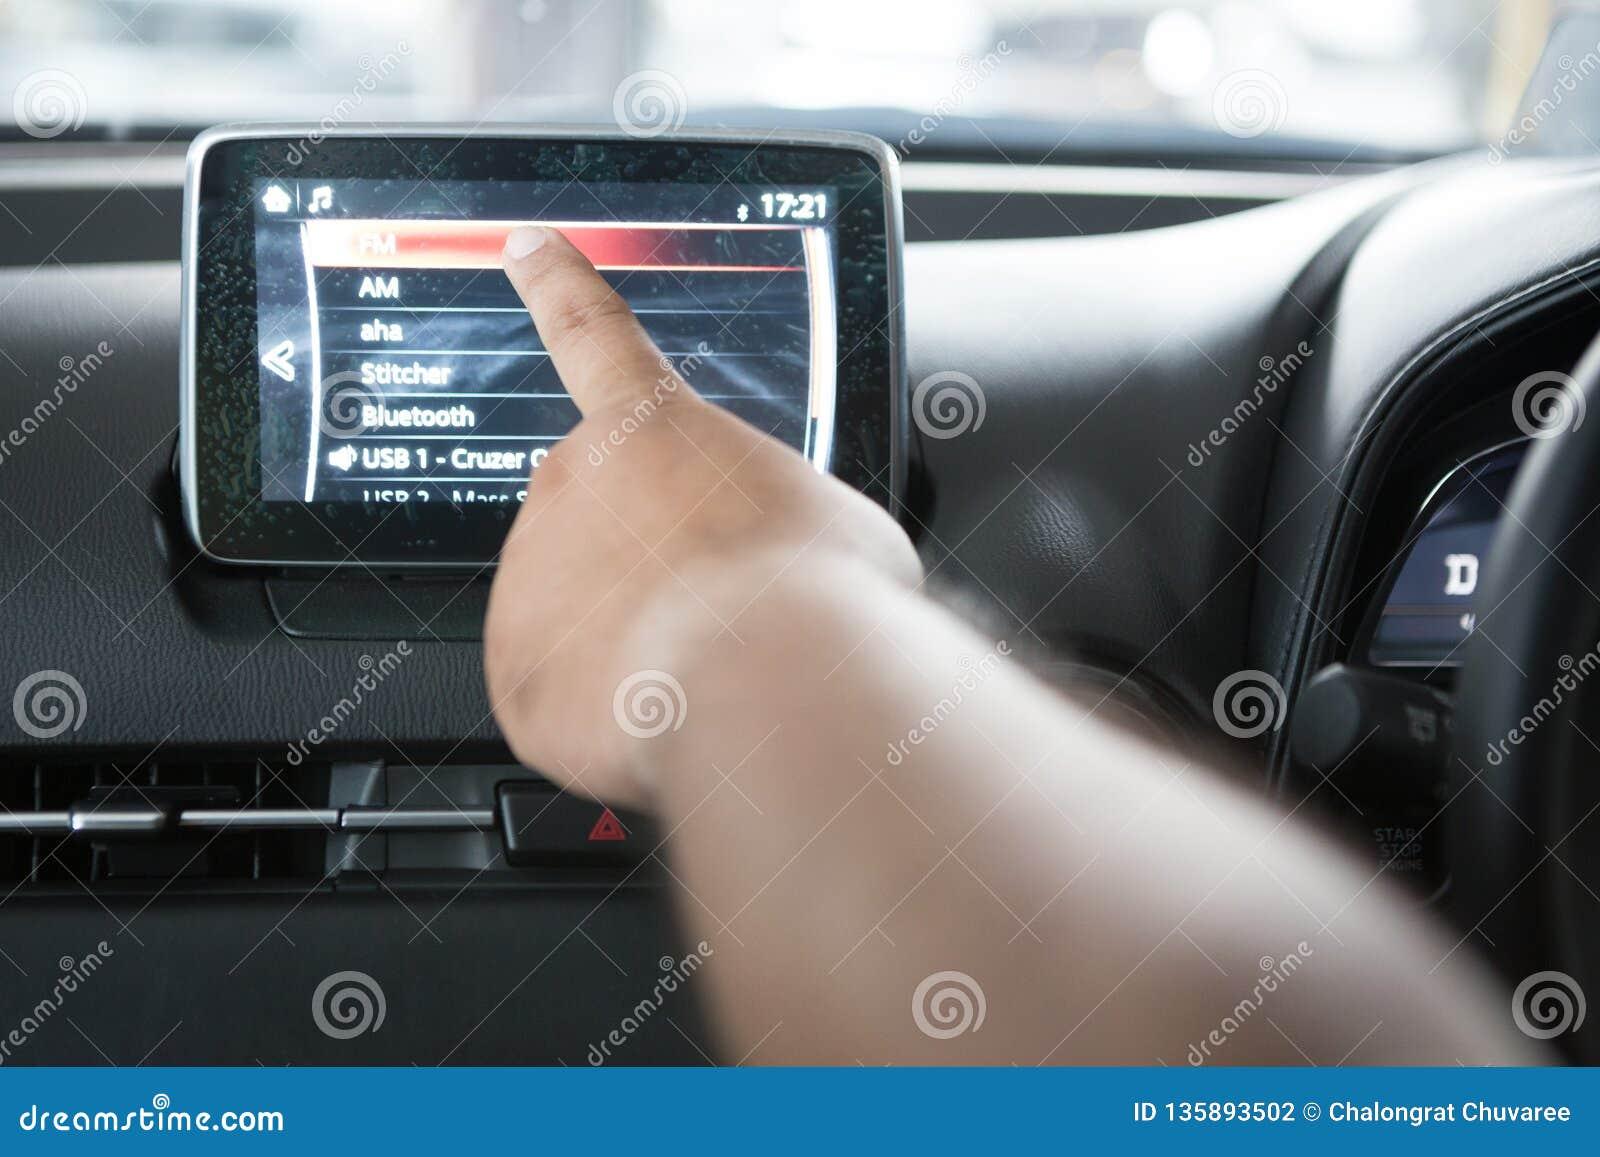 Las manos están tocando el LCD